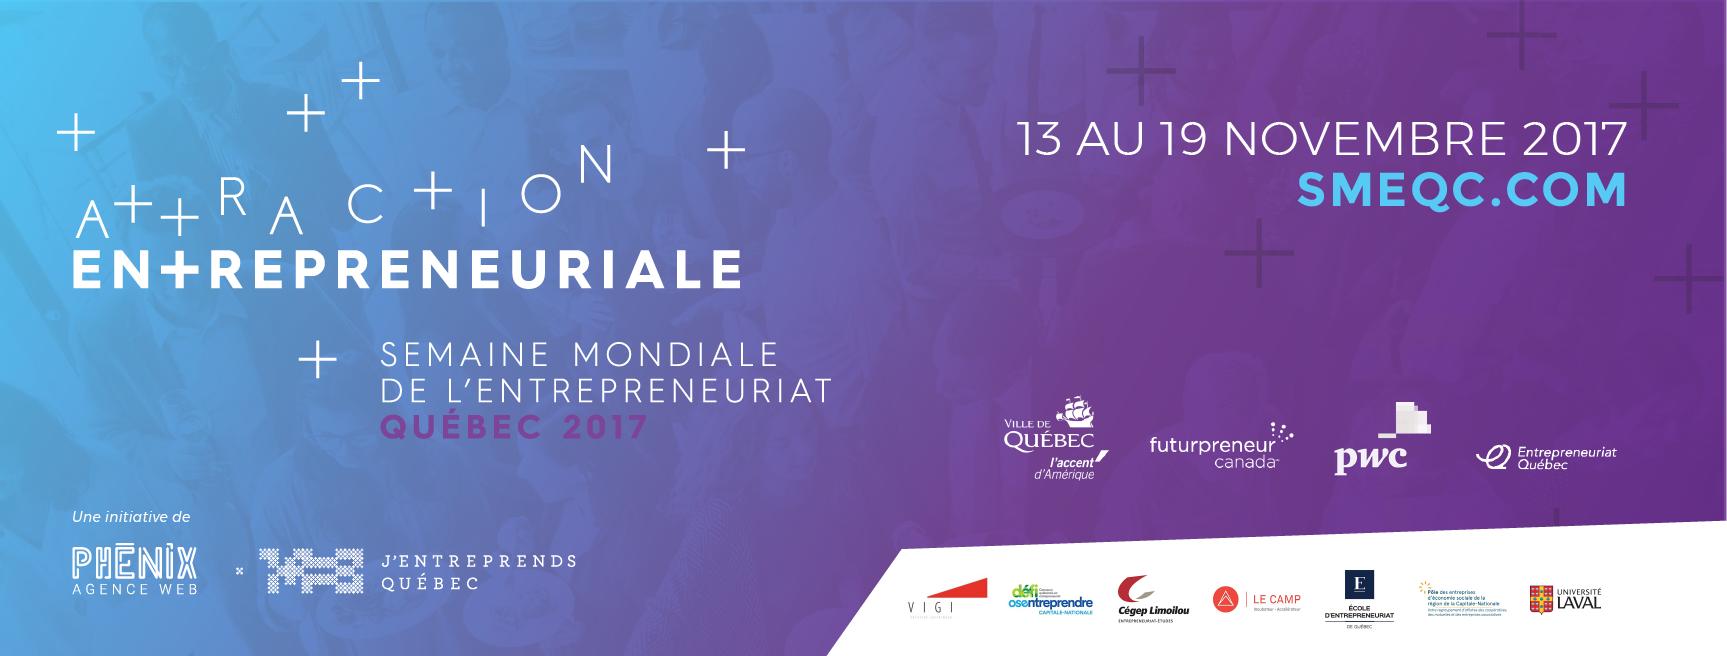 La Semaine Mondiale de l'Entrepreneuriat de Québec 2017